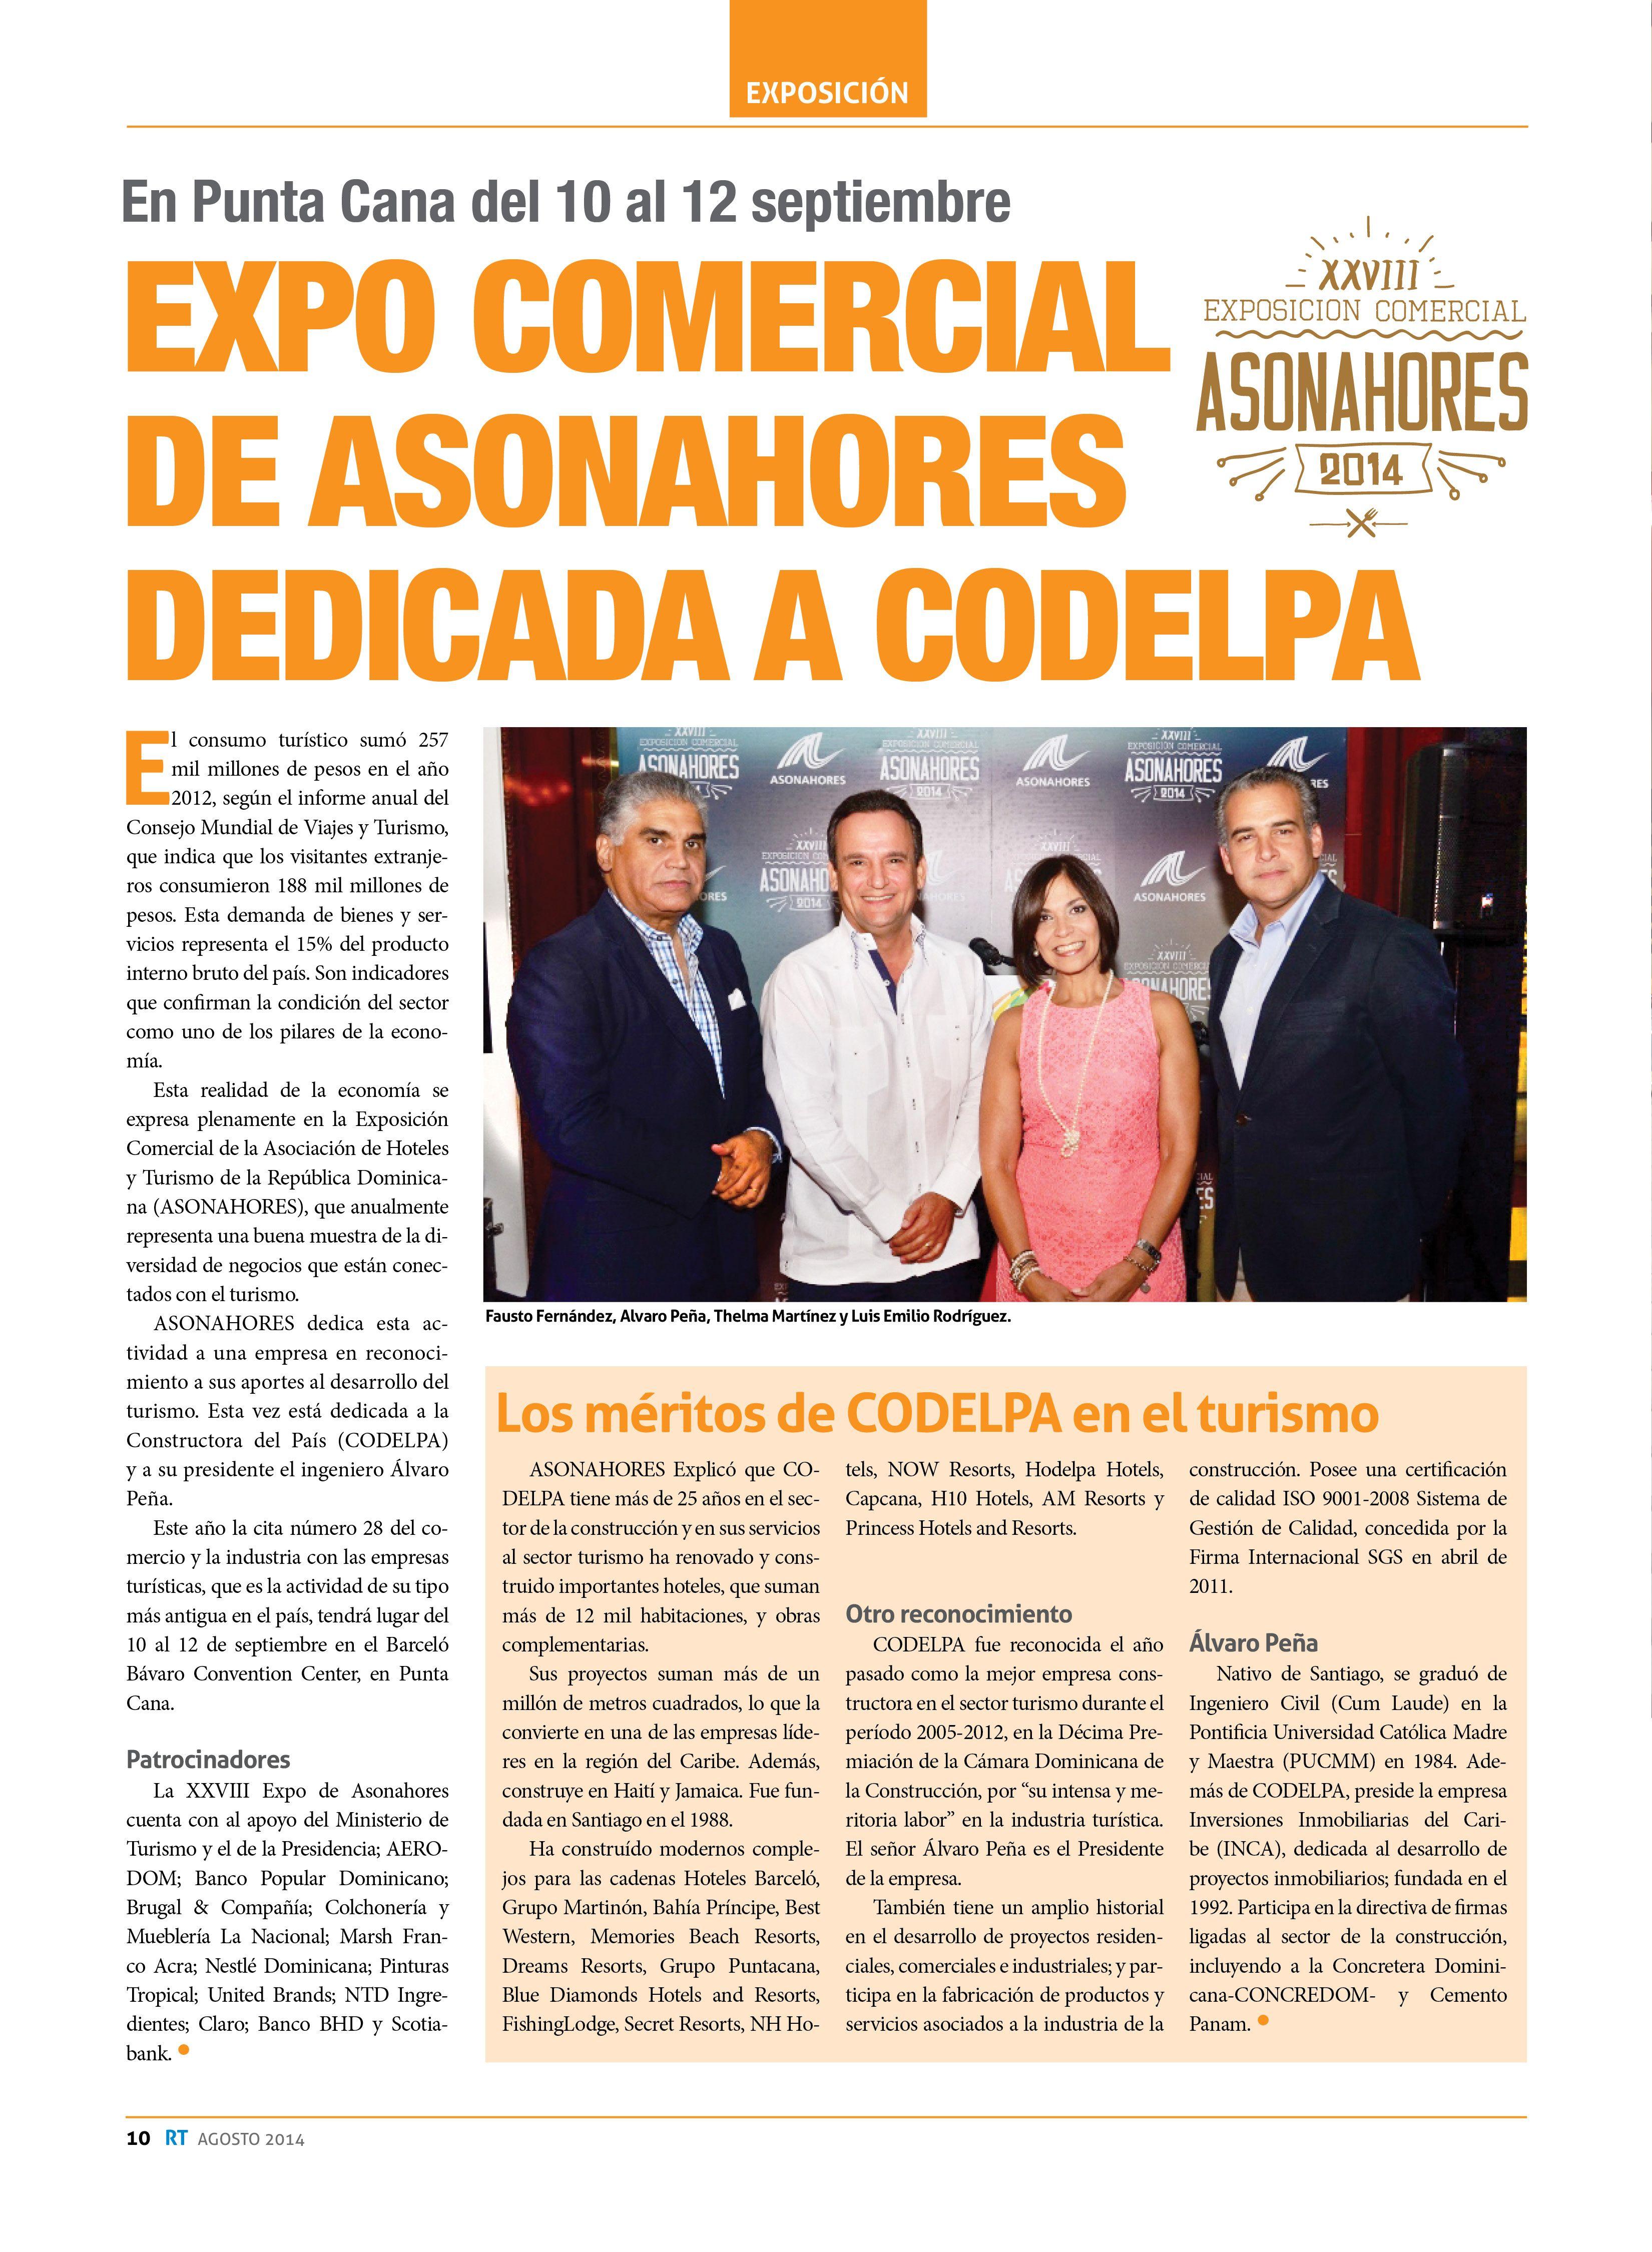 Expo Comercial De Asonahores Dedicada A Codelpa Shopping